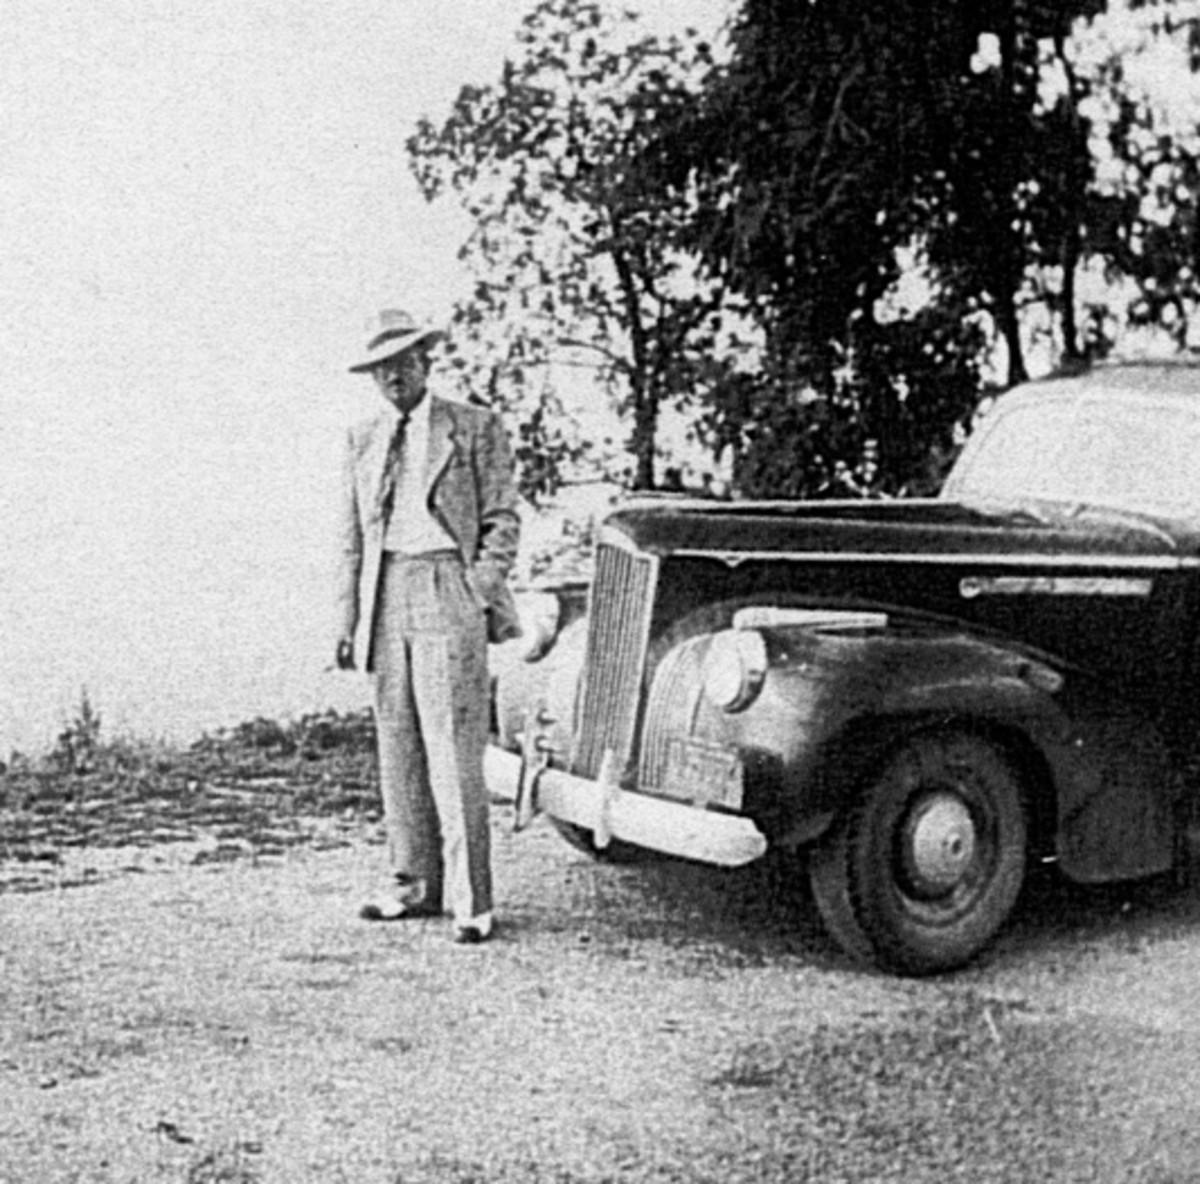 0411-qa-1941Packard